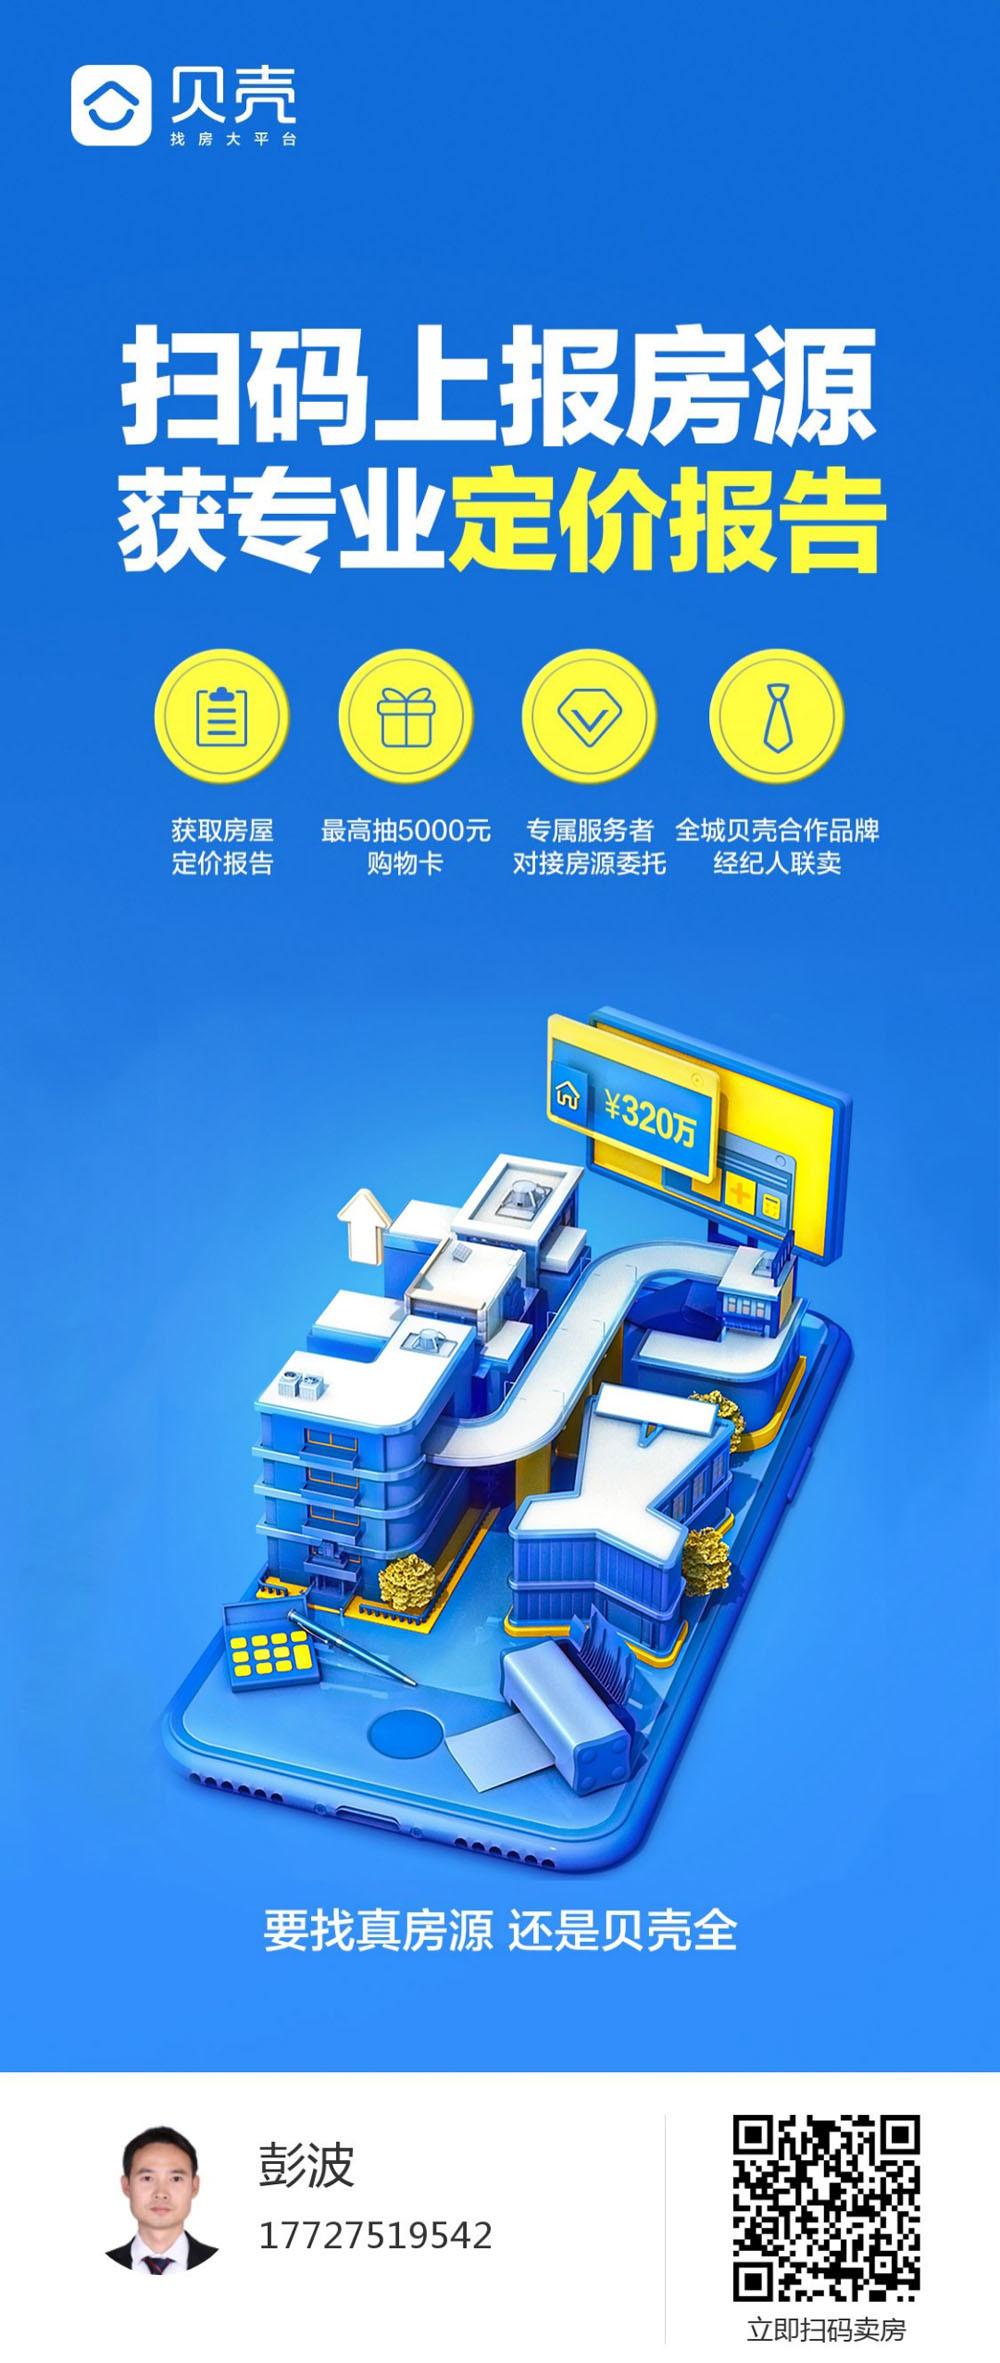 惠州二手房出售挂盘和定价海报